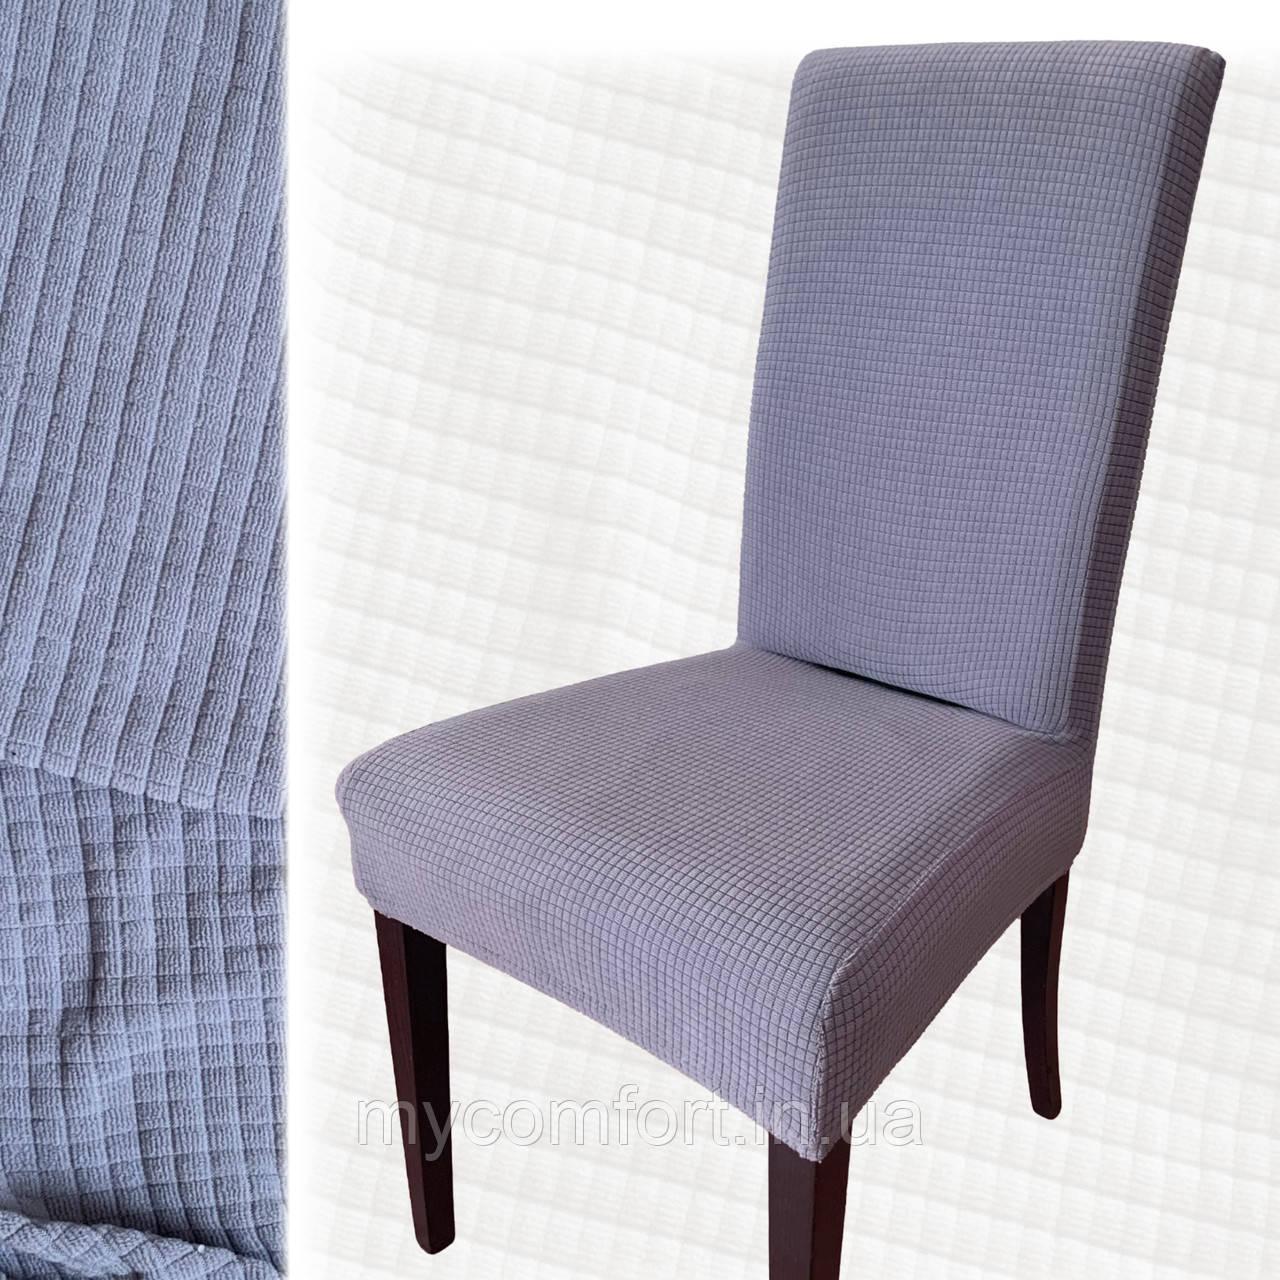 Чехол на стул. KARE Турция. Серый (Универсальные чехлы на стулья, любой формы)